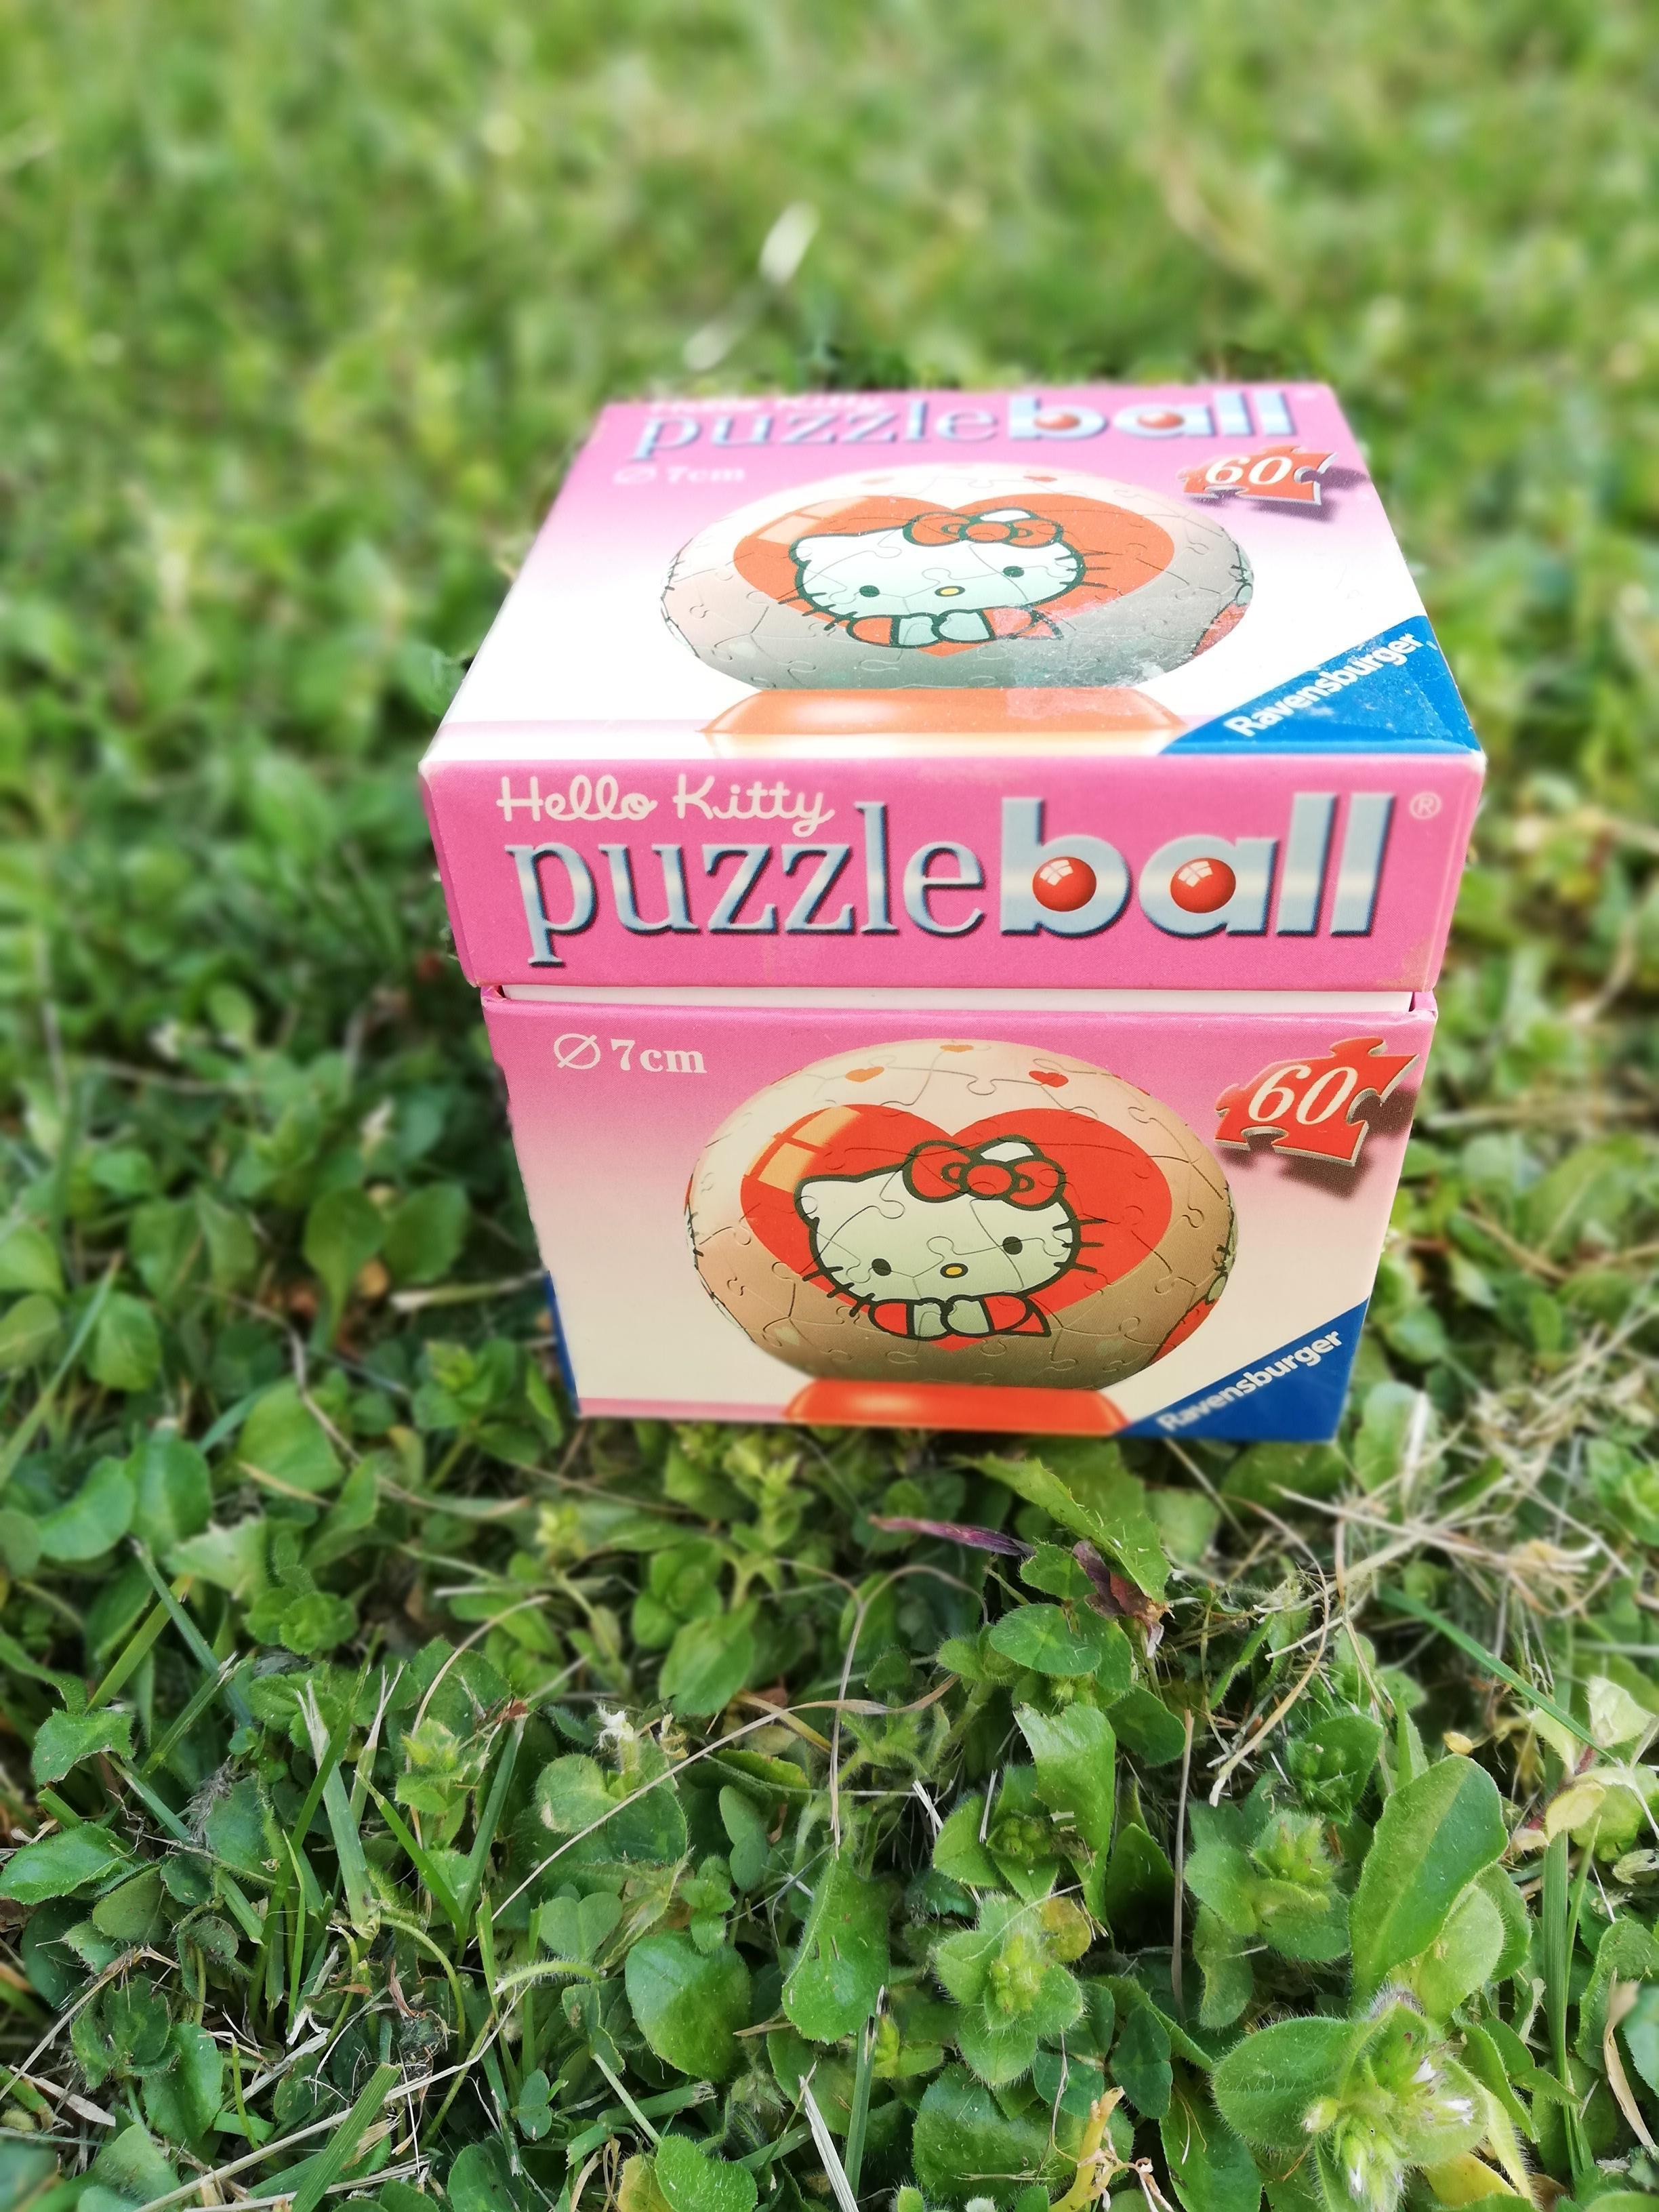 troc de troc puzzle ball hello kitty image 1